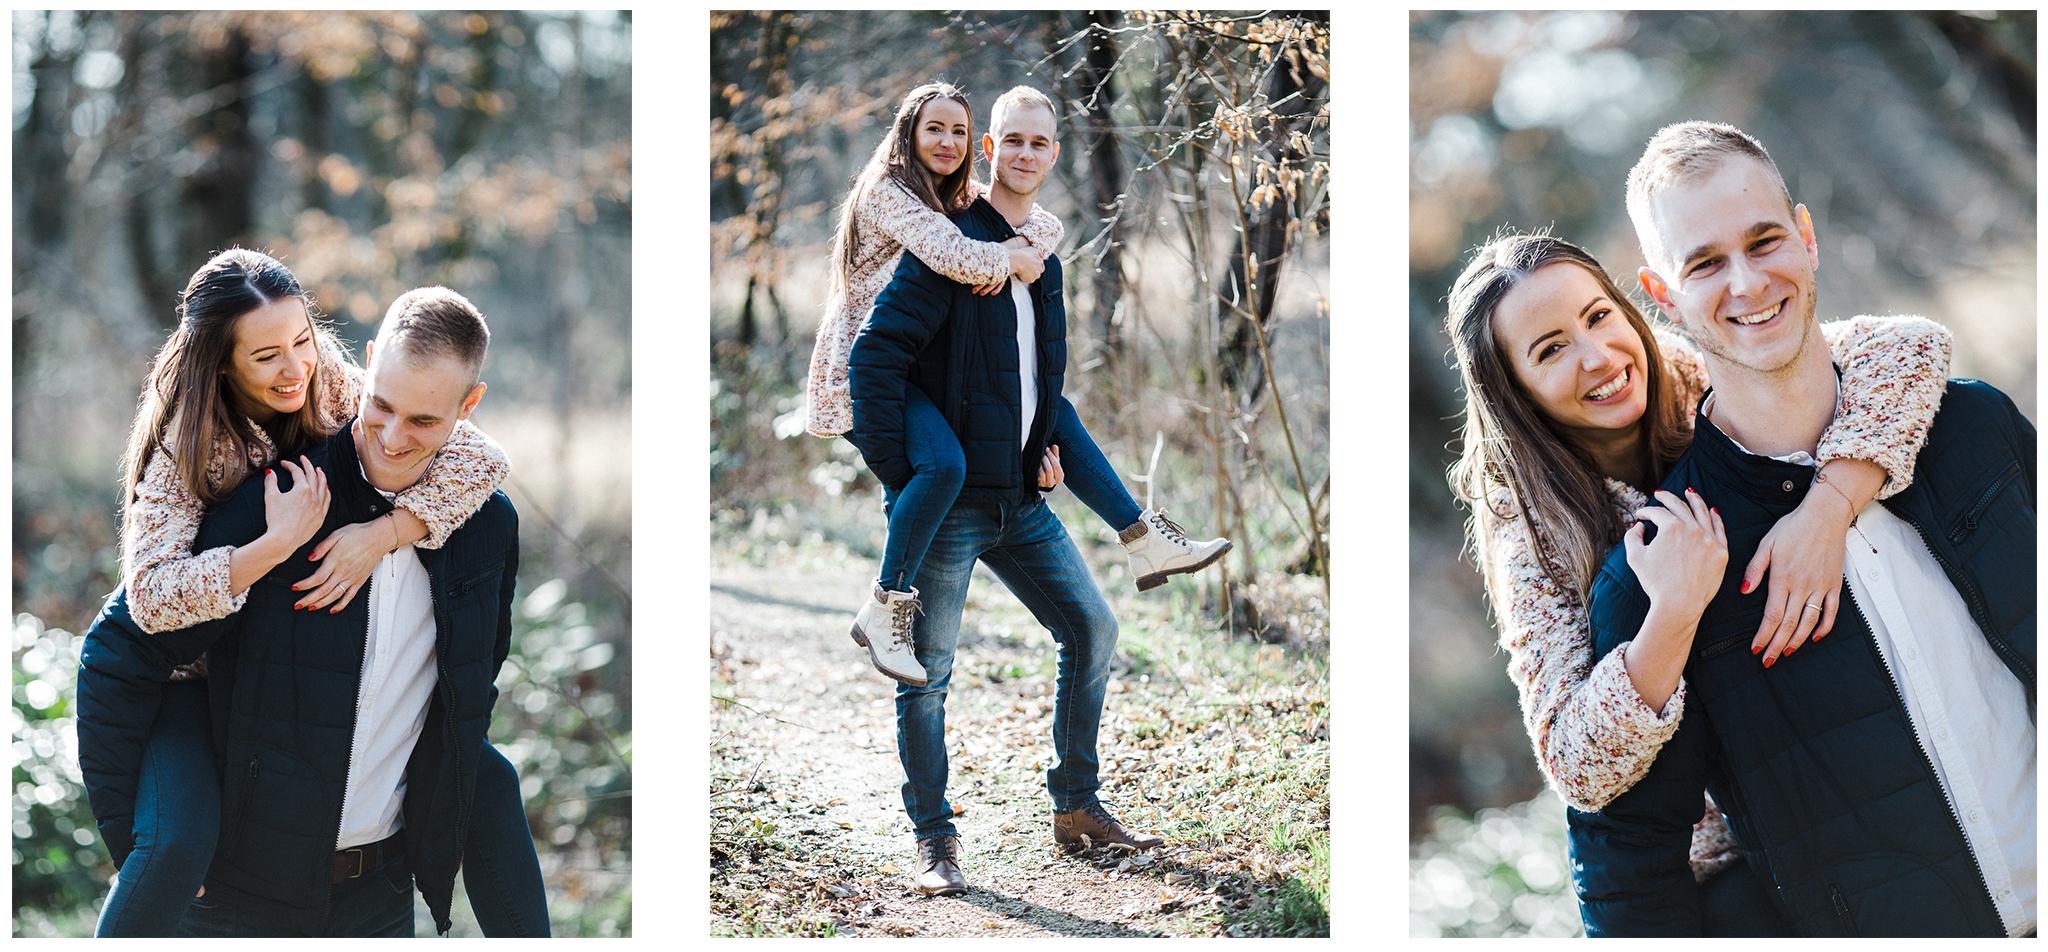 MONT_FylepPhoto, Esküvőfotós Vasmegye, Esküvő fotózás, Esküvői fotós, Körmend, Vas megye, Dunántúl, Budapest, Fülöp Péter, Jegyes fotózás, jegyesfotó_Réka&Peti,2018_007.jpg